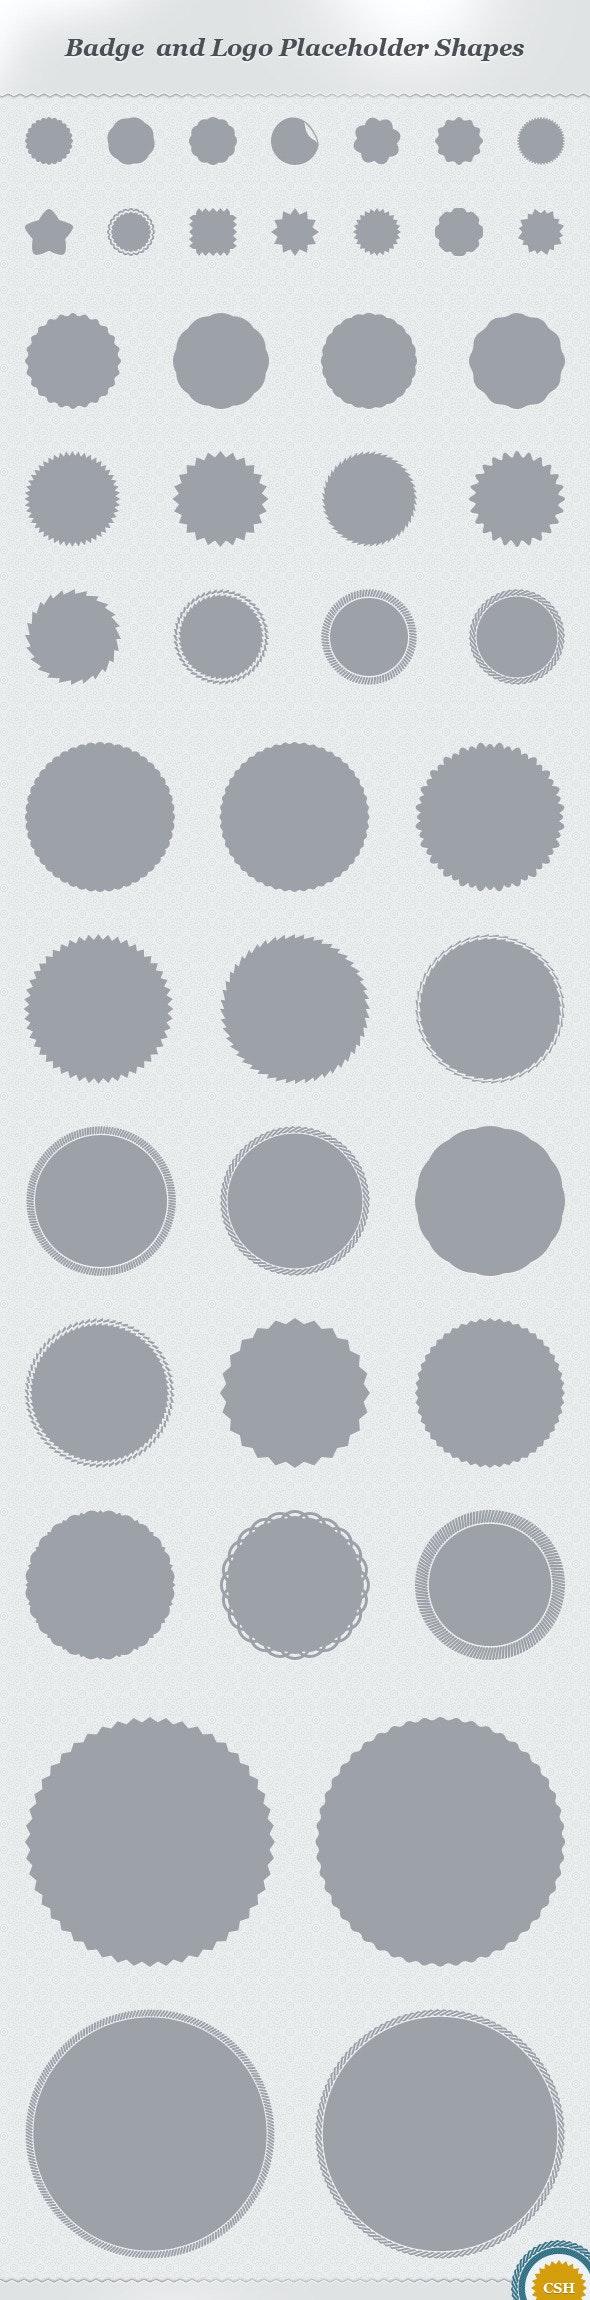 Badge and Logo Placeholder Shapes - Shapes Photoshop